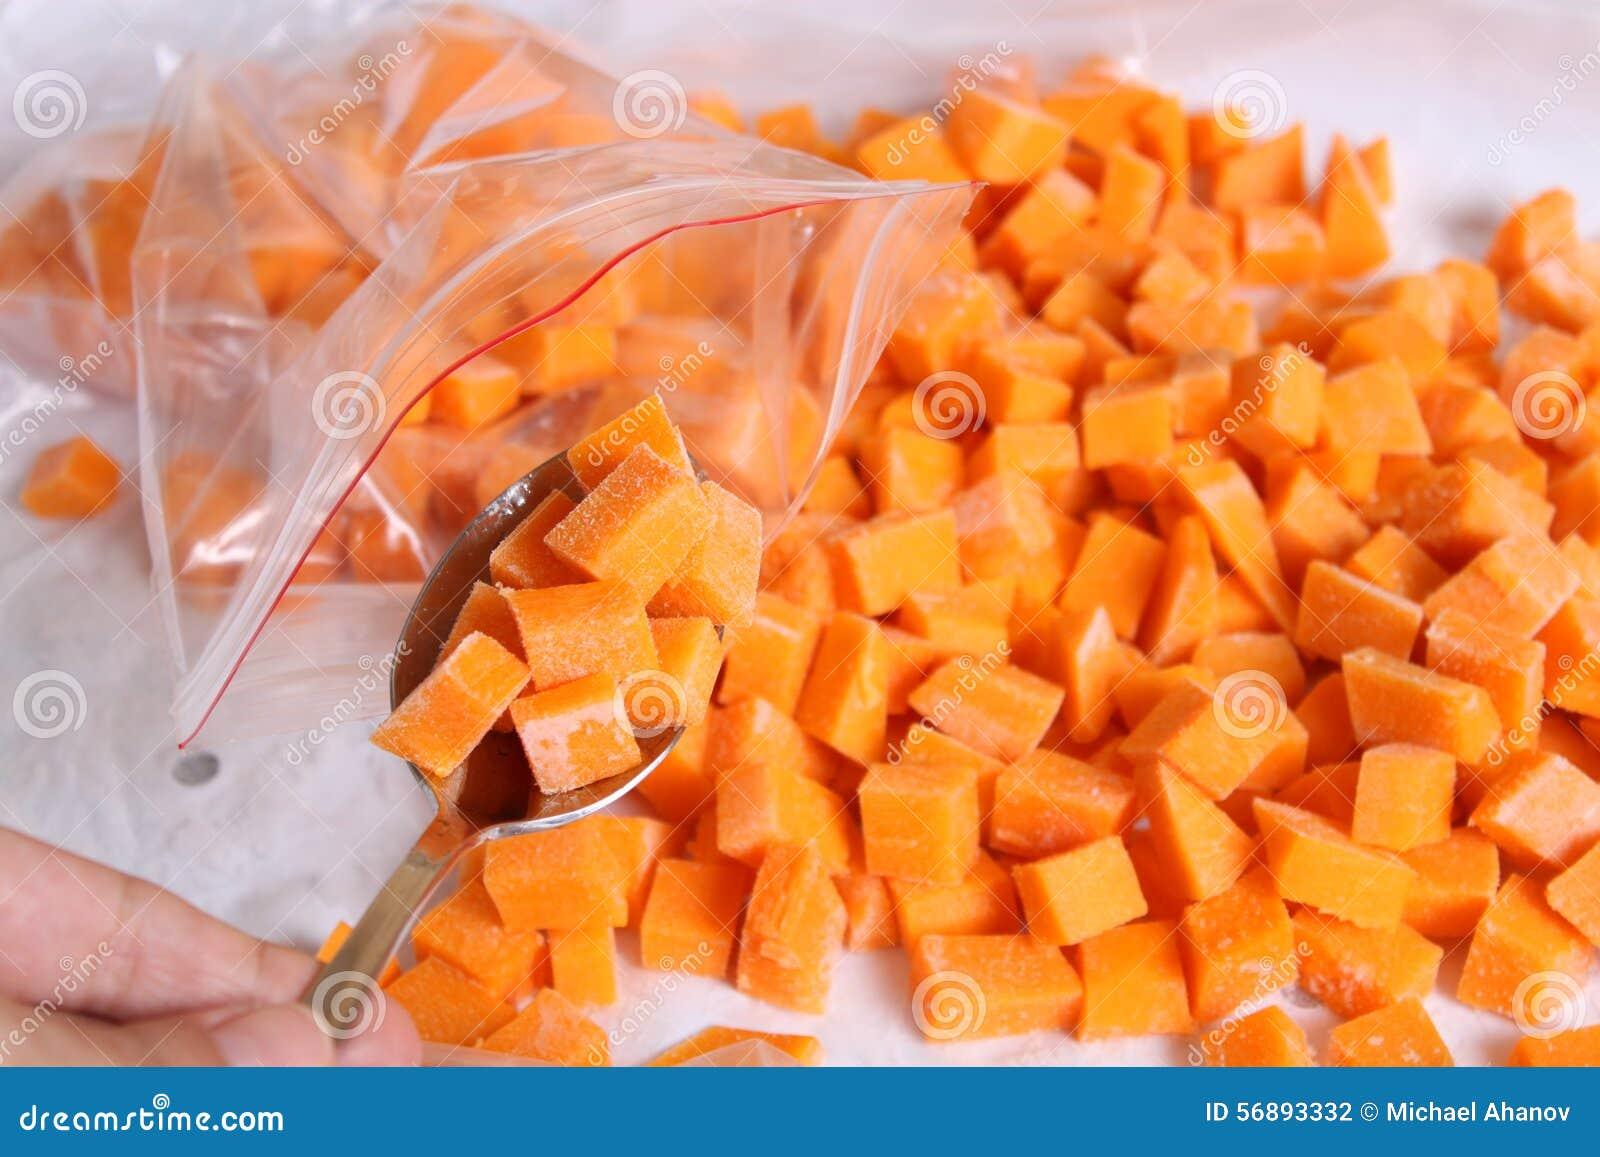 Cubi crudi della zucca in un cucchiaio